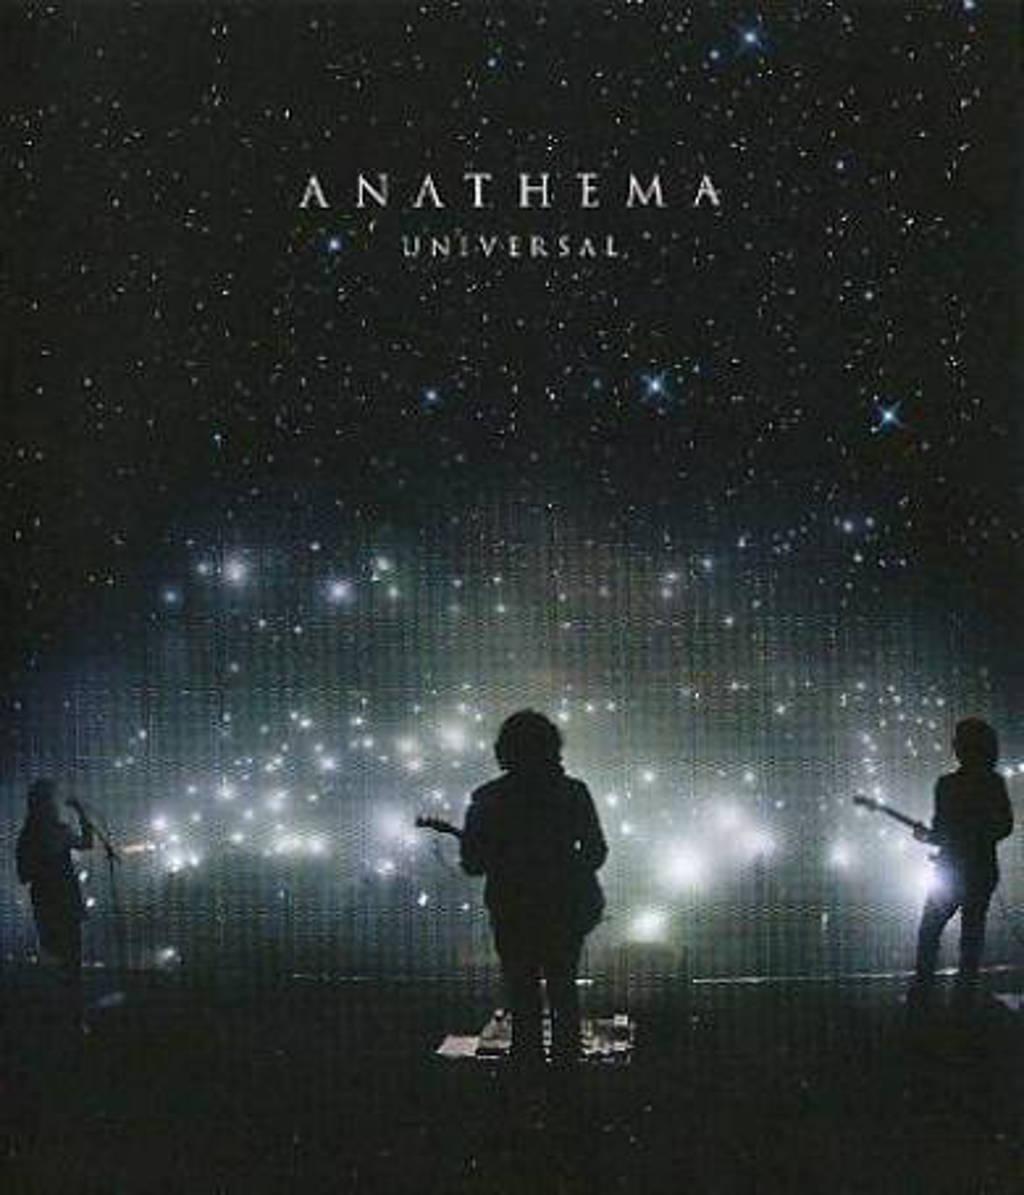 Anathema - Universal (Blu-ray)